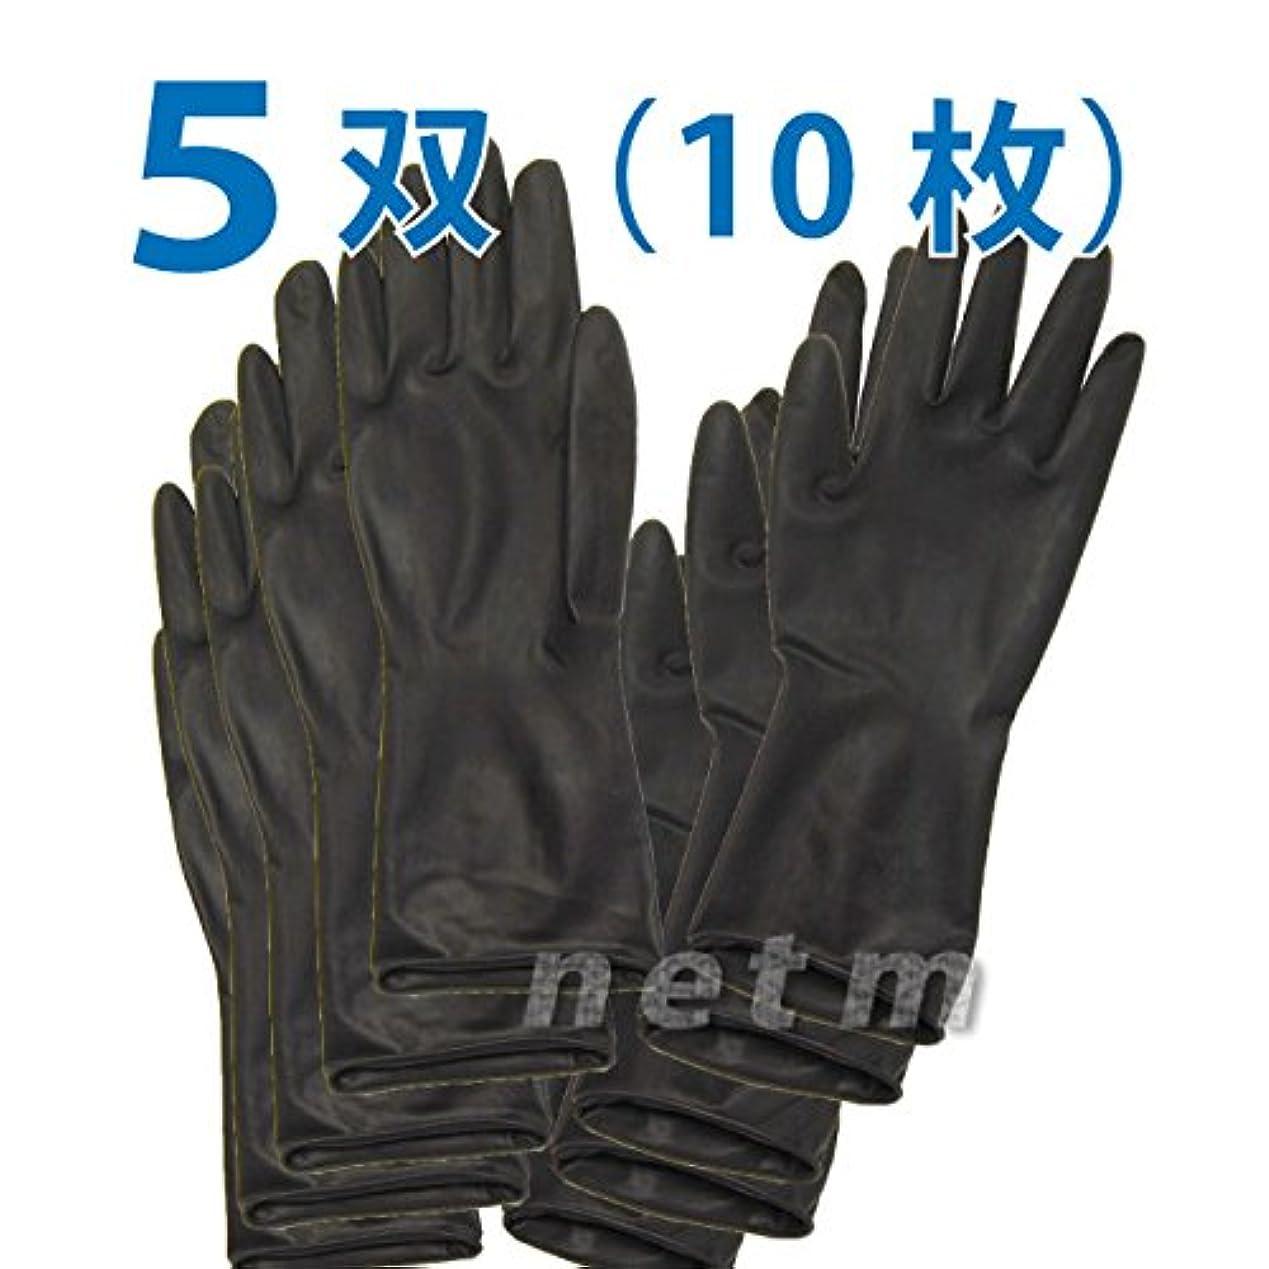 うめき旅行者わずかなオカモト ブラックグローブ ロングタイプ Mサイズ  5双(10枚)